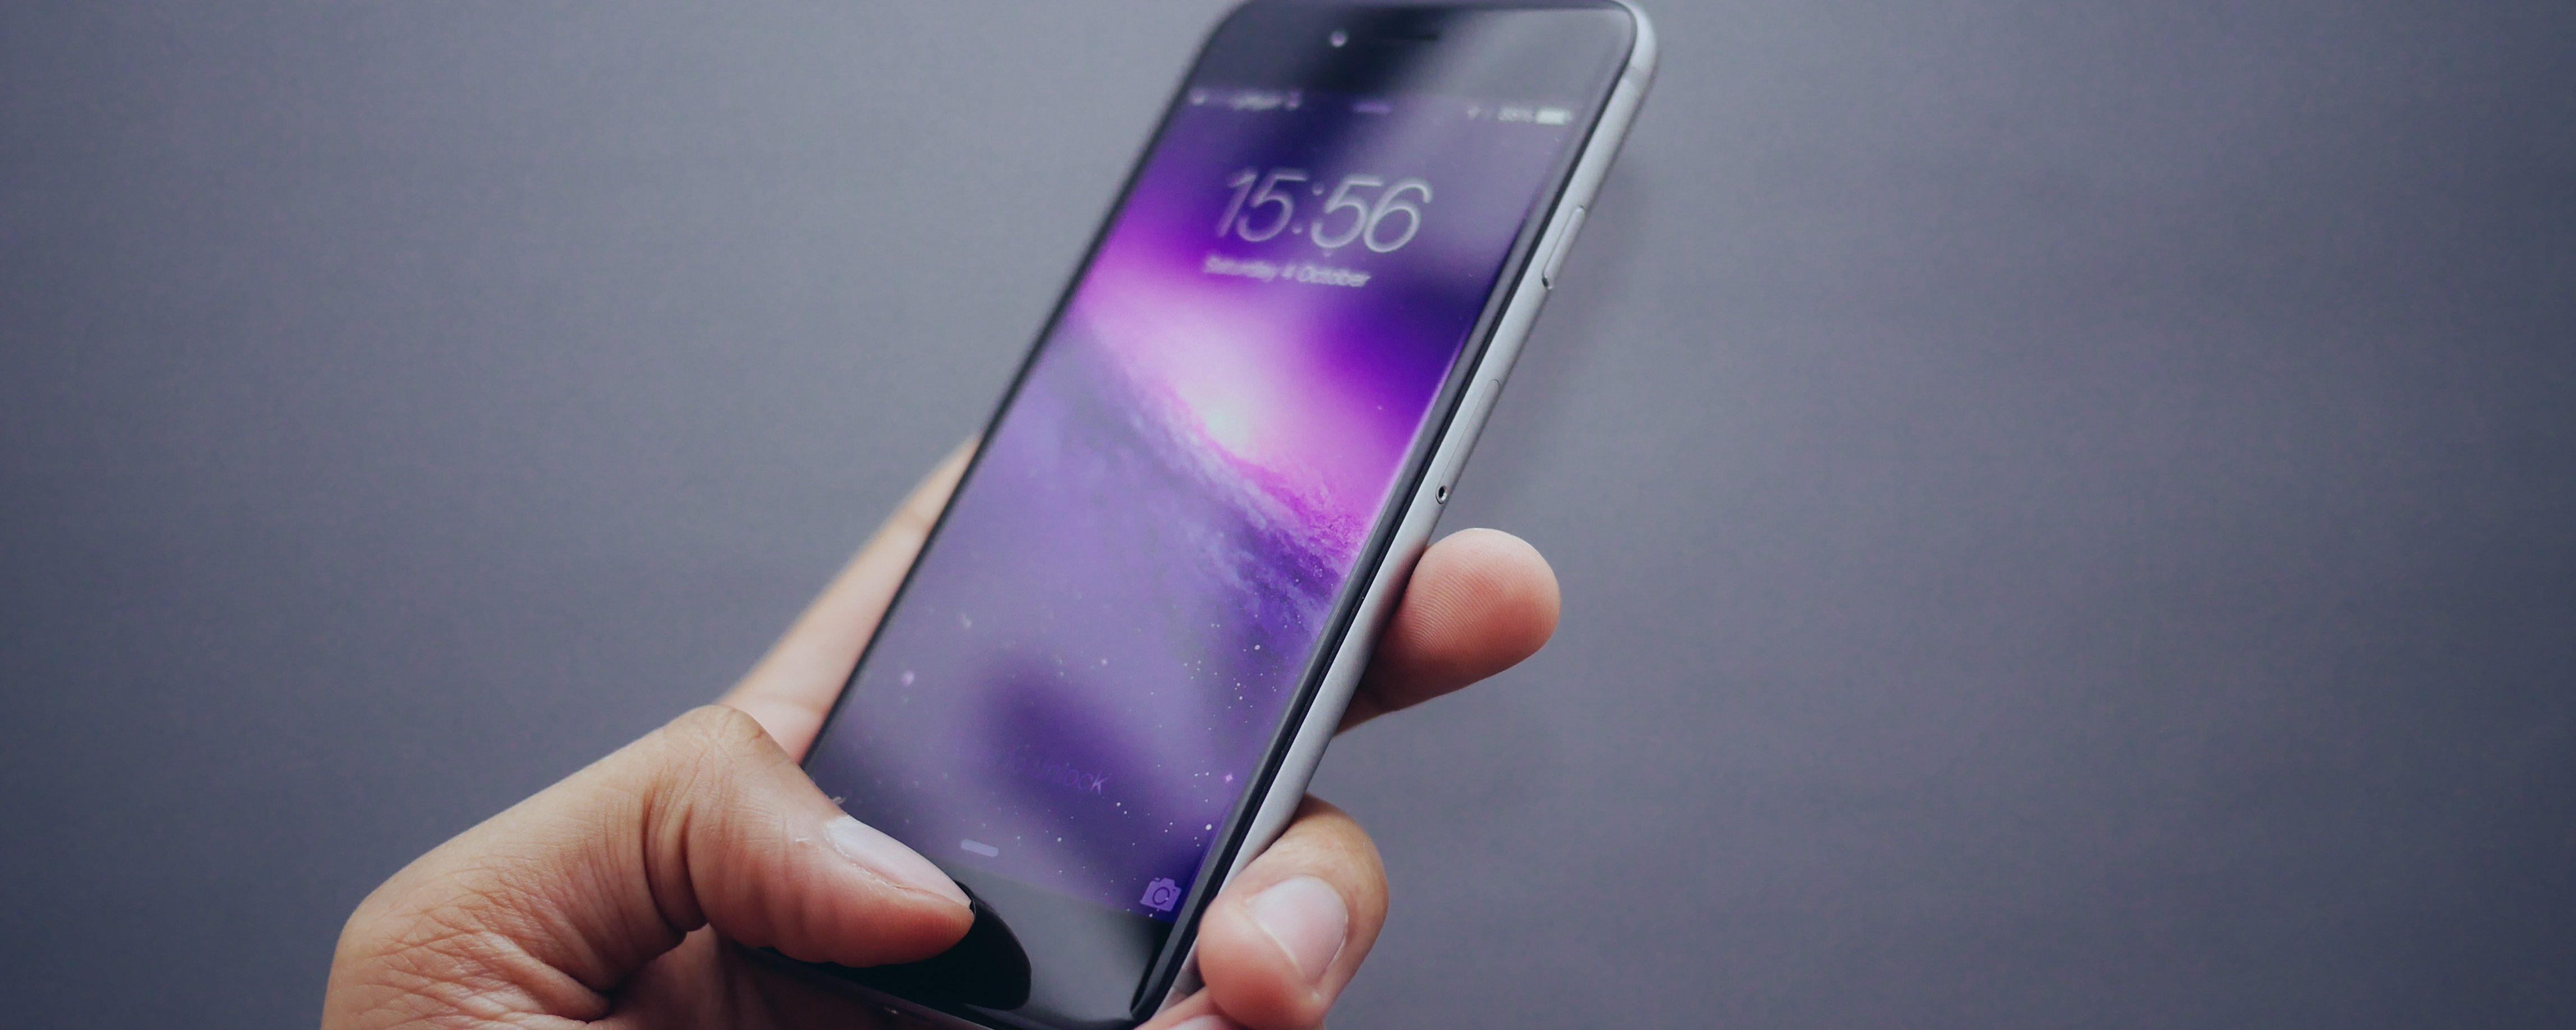 Apple ha brevettato il sussurro di Siri